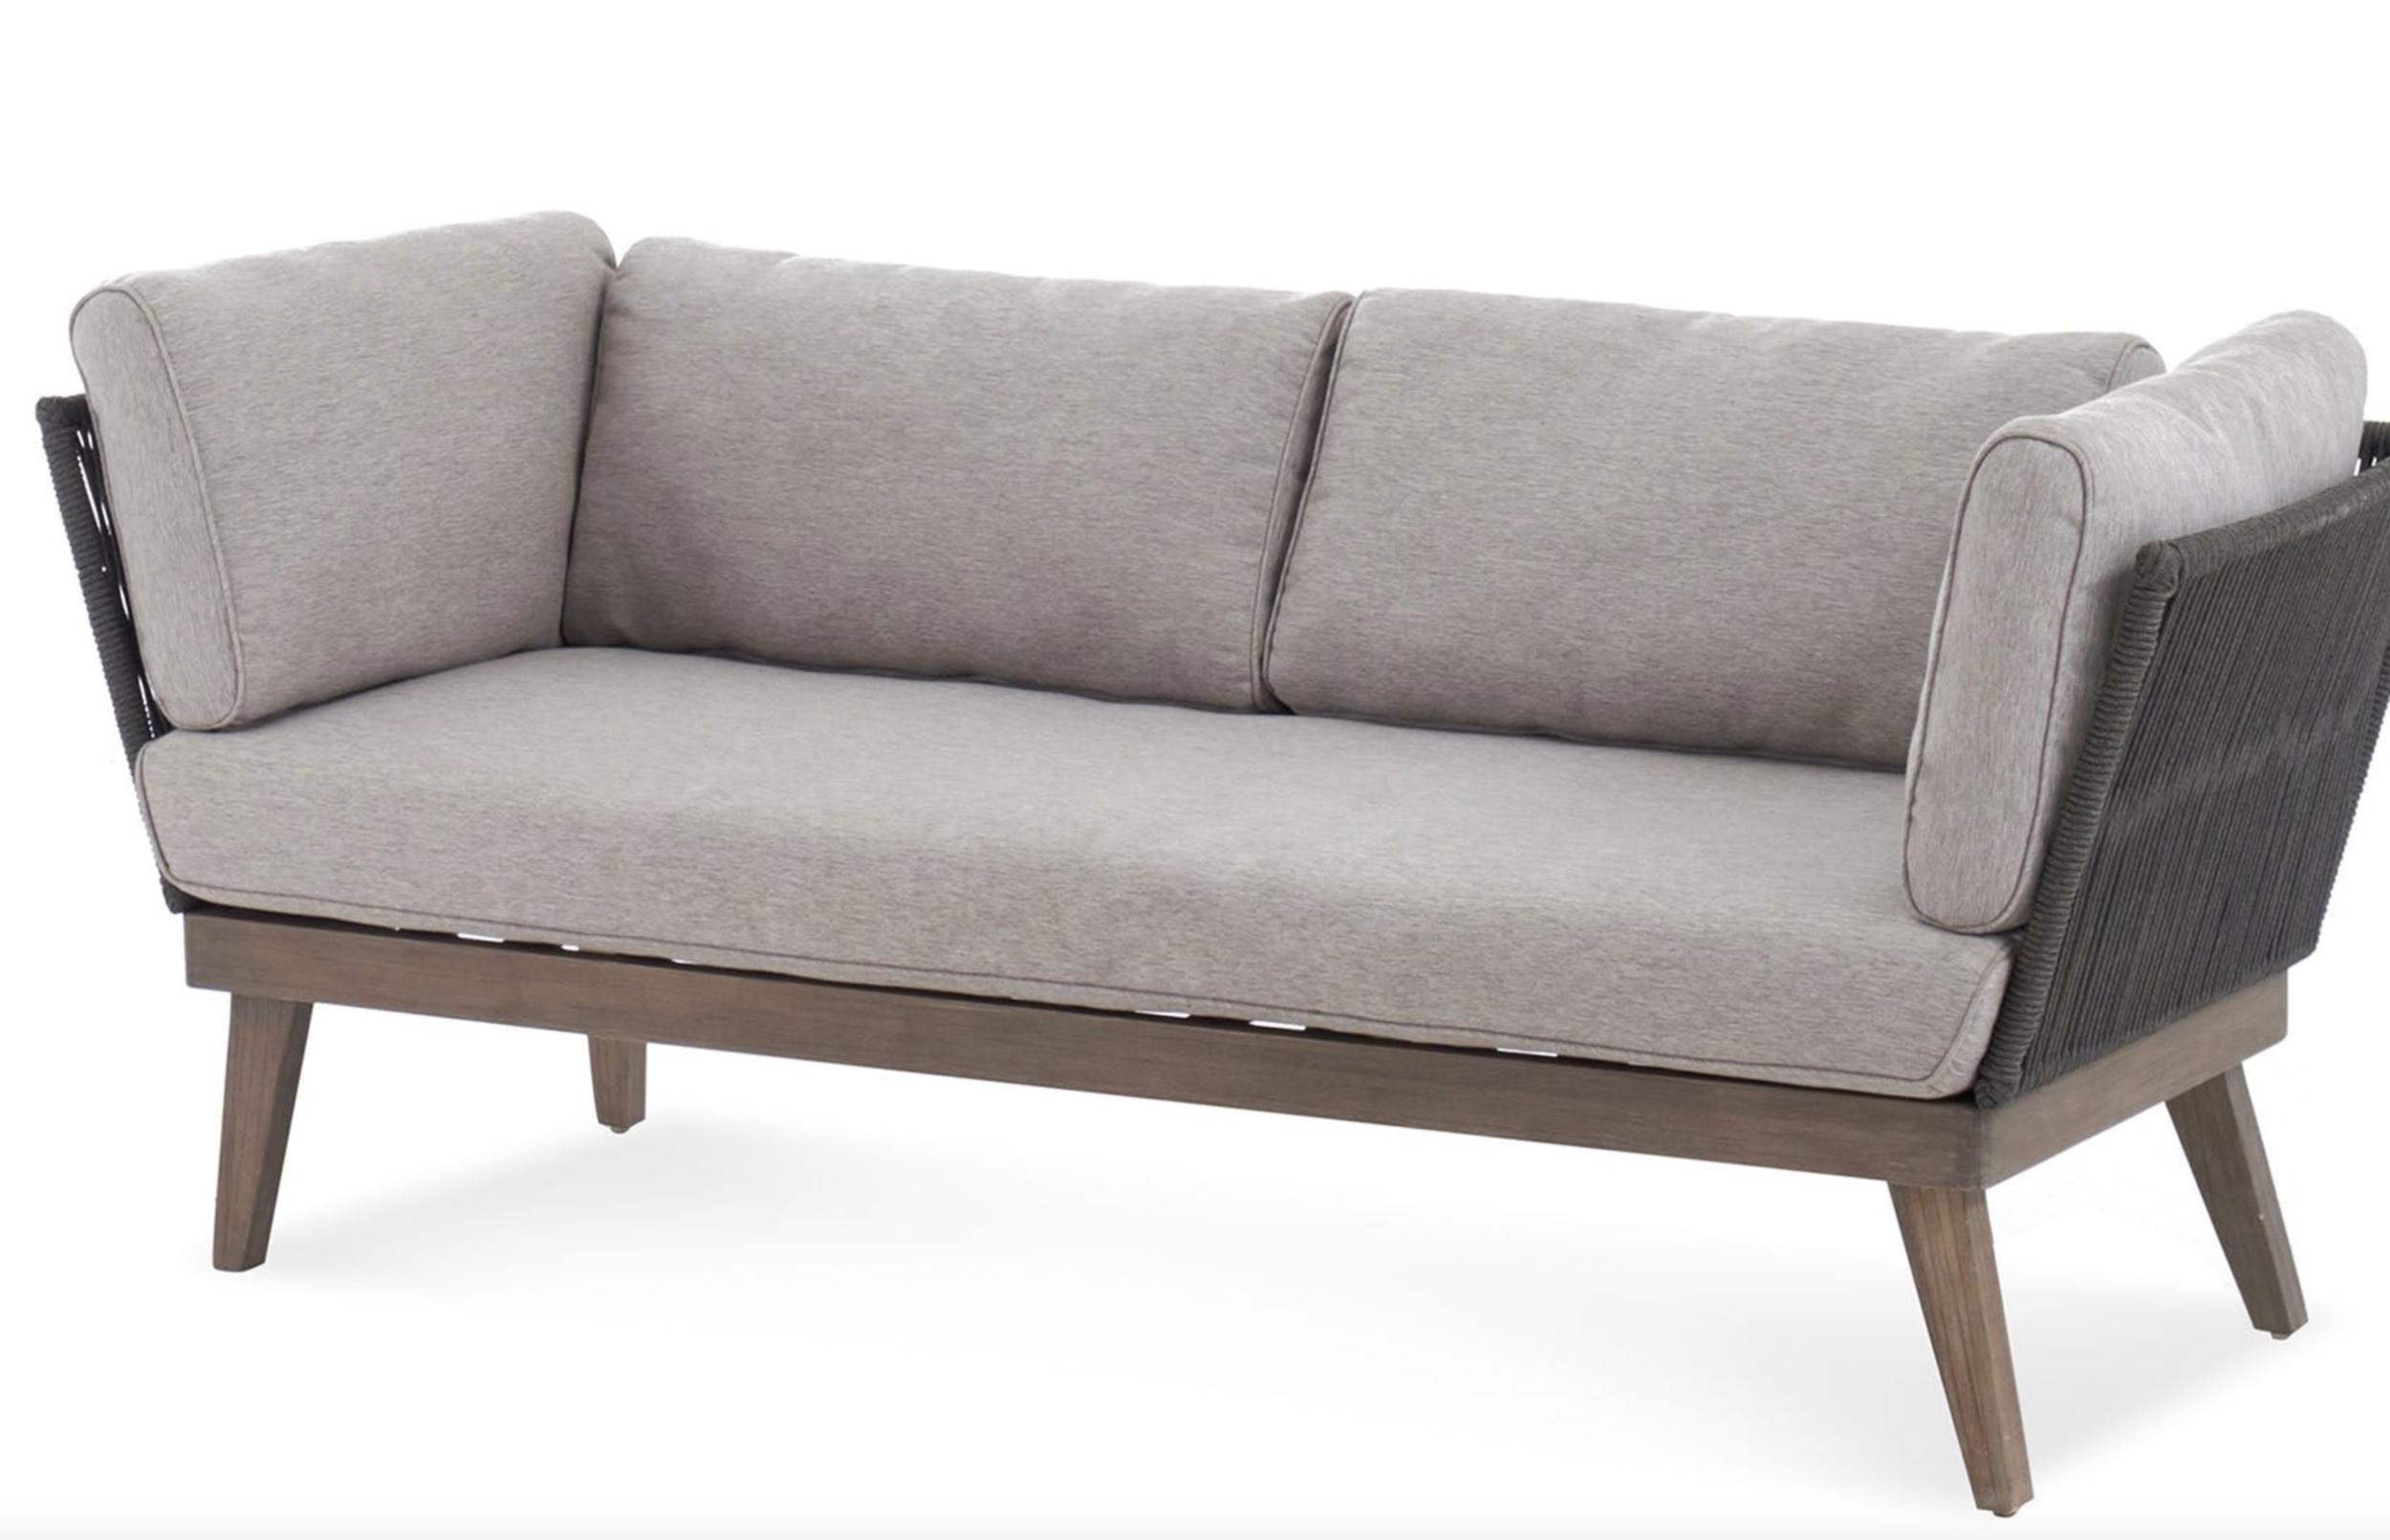 Next -  Bali garden sofa £599